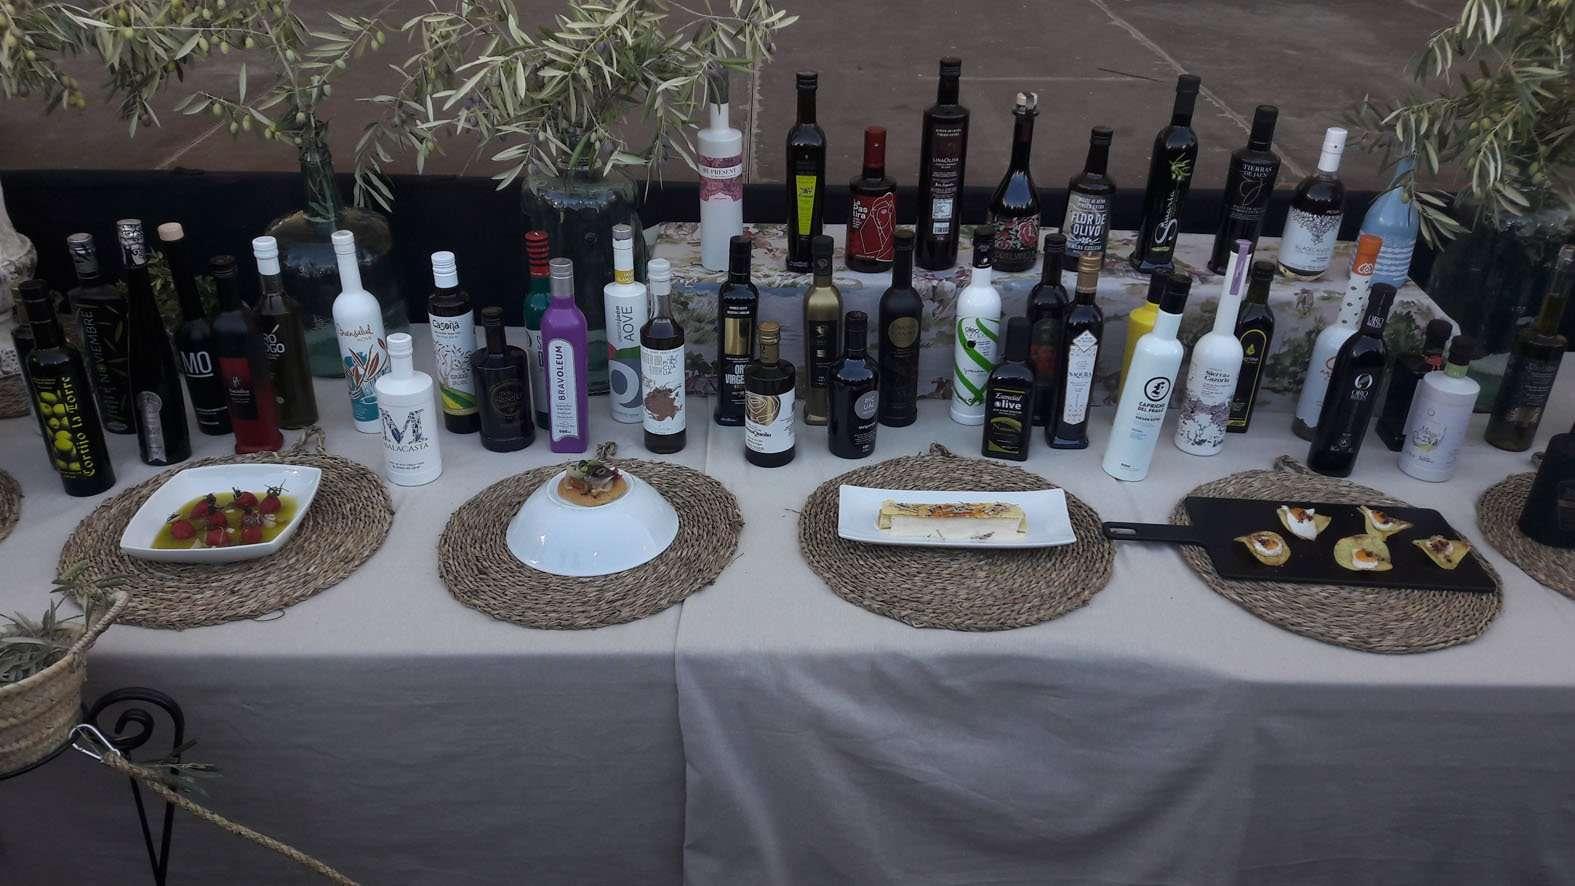 La VII Fiesta del Primer Aceite de Jaén no se celebrará de forma presencial en Baeza, como estaba previsto, y será virtual como consecuencia del aumento de casos de covid-19.